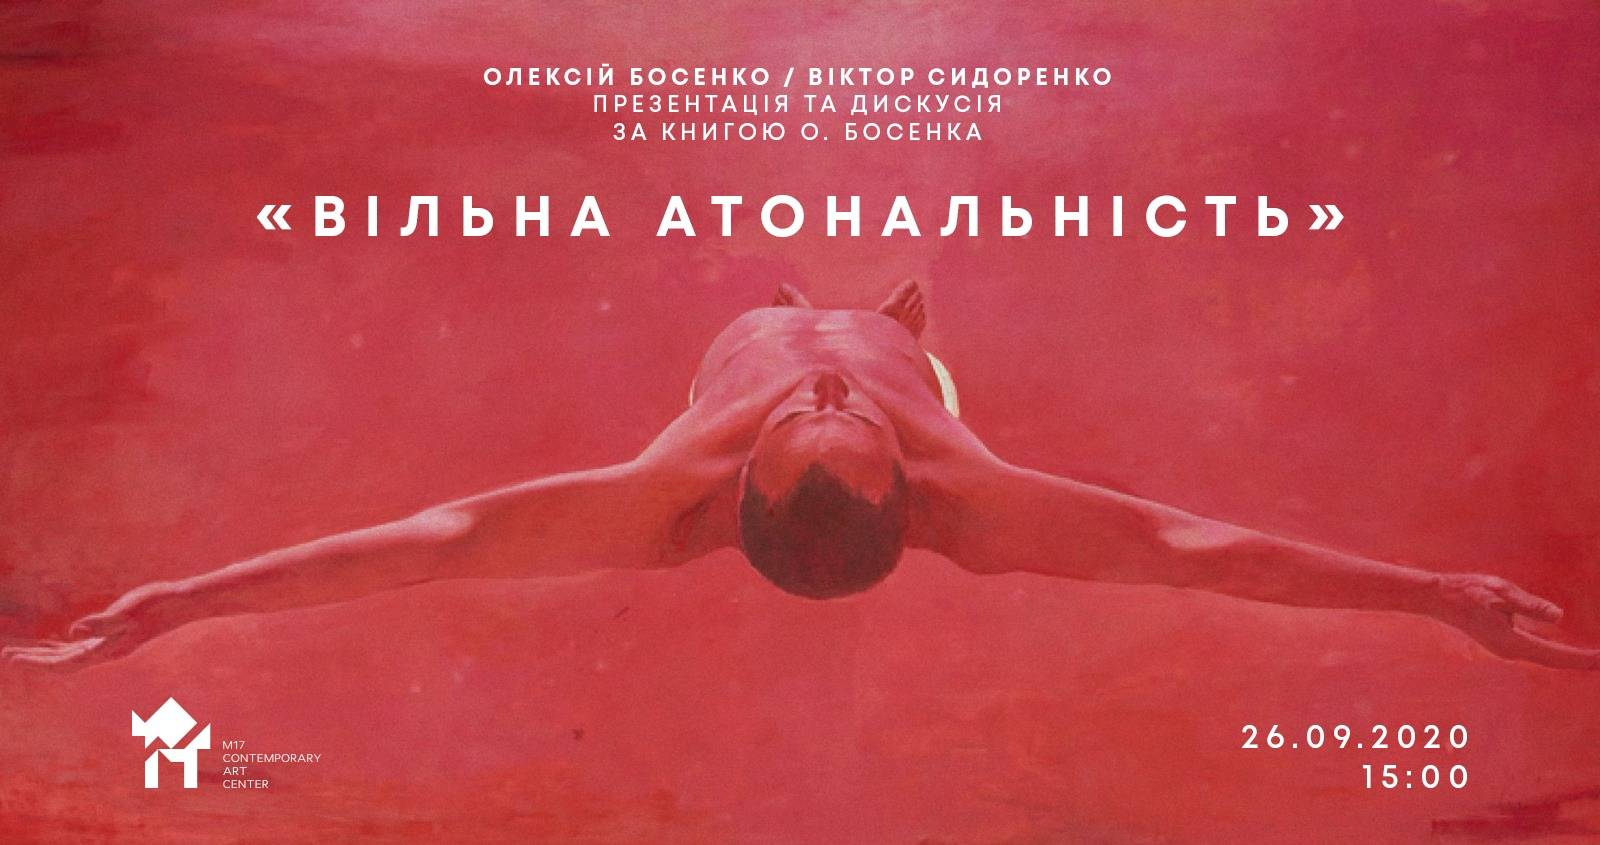 """Презентація книги Олексія Босенка """"Вільна атональність"""""""